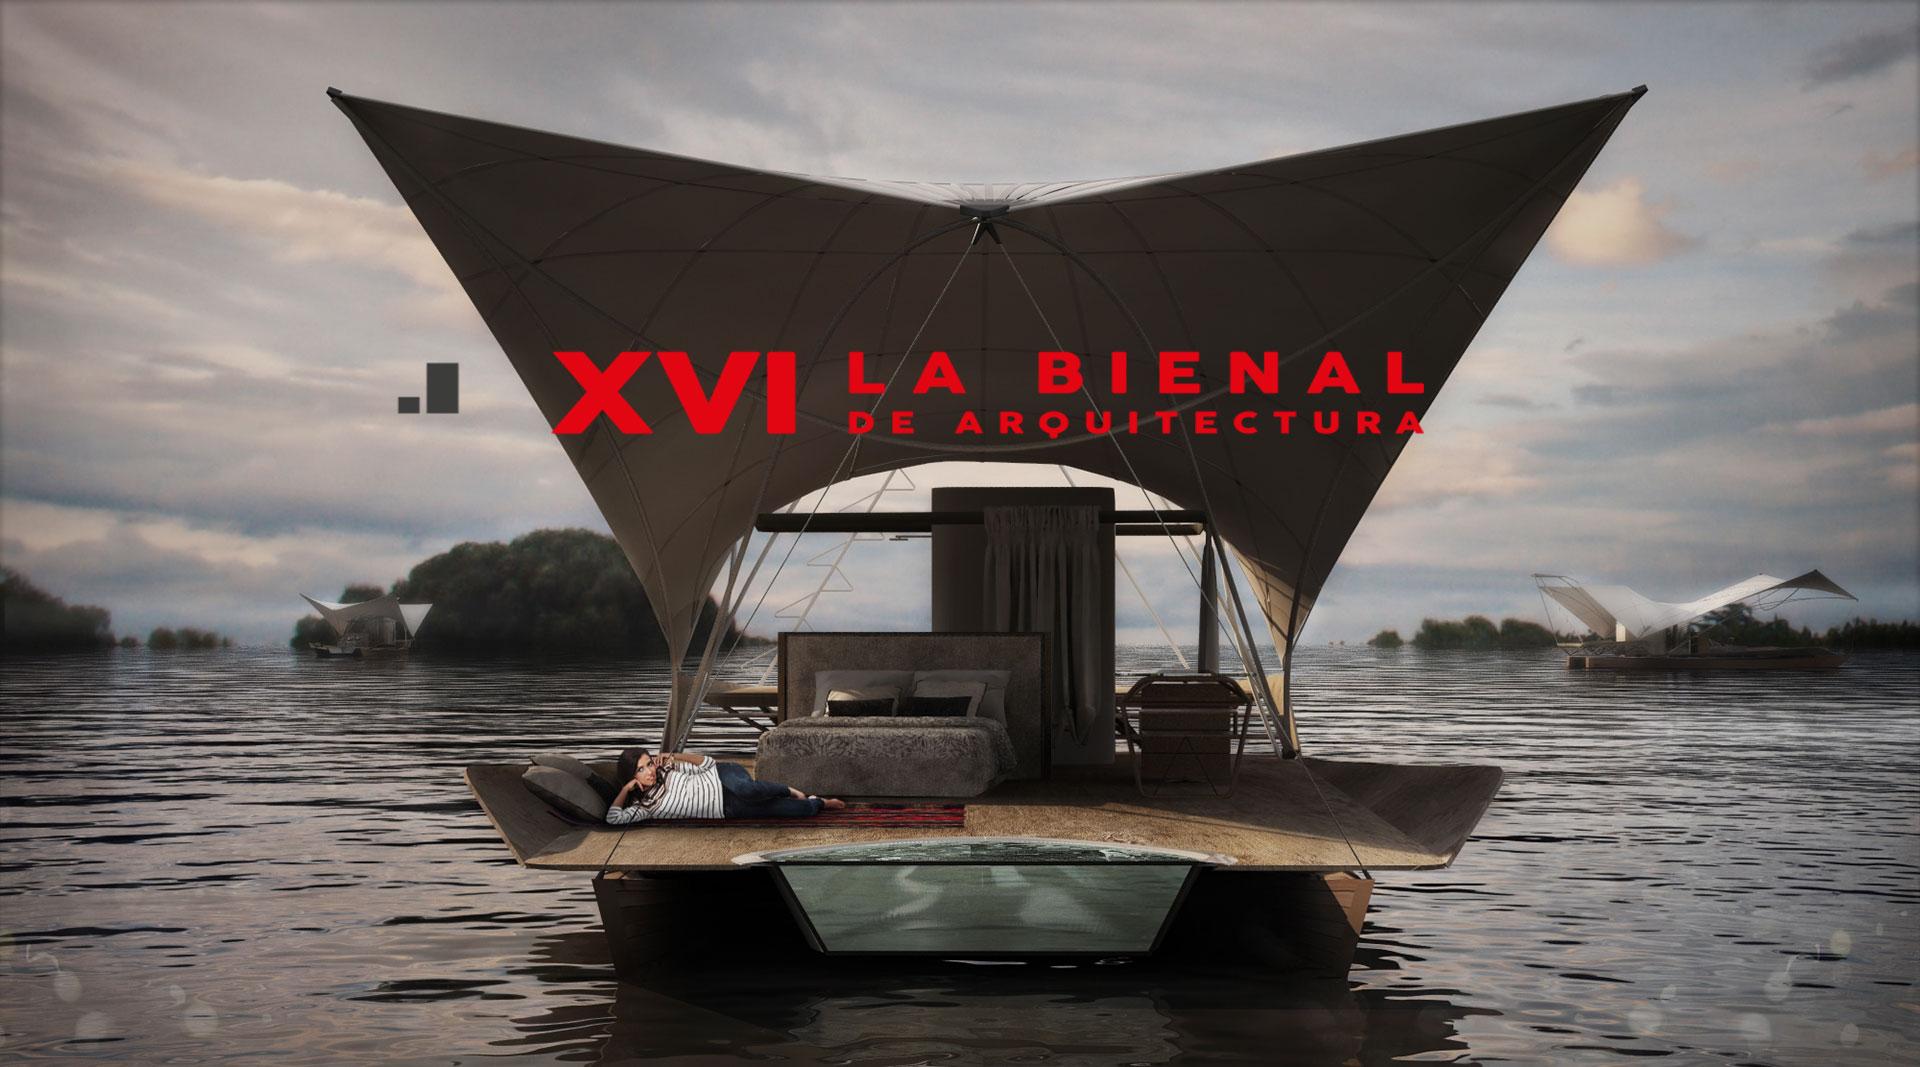 Glamping, Acqua eco lodge flotante en La Bienal Internacional de Arquitectura